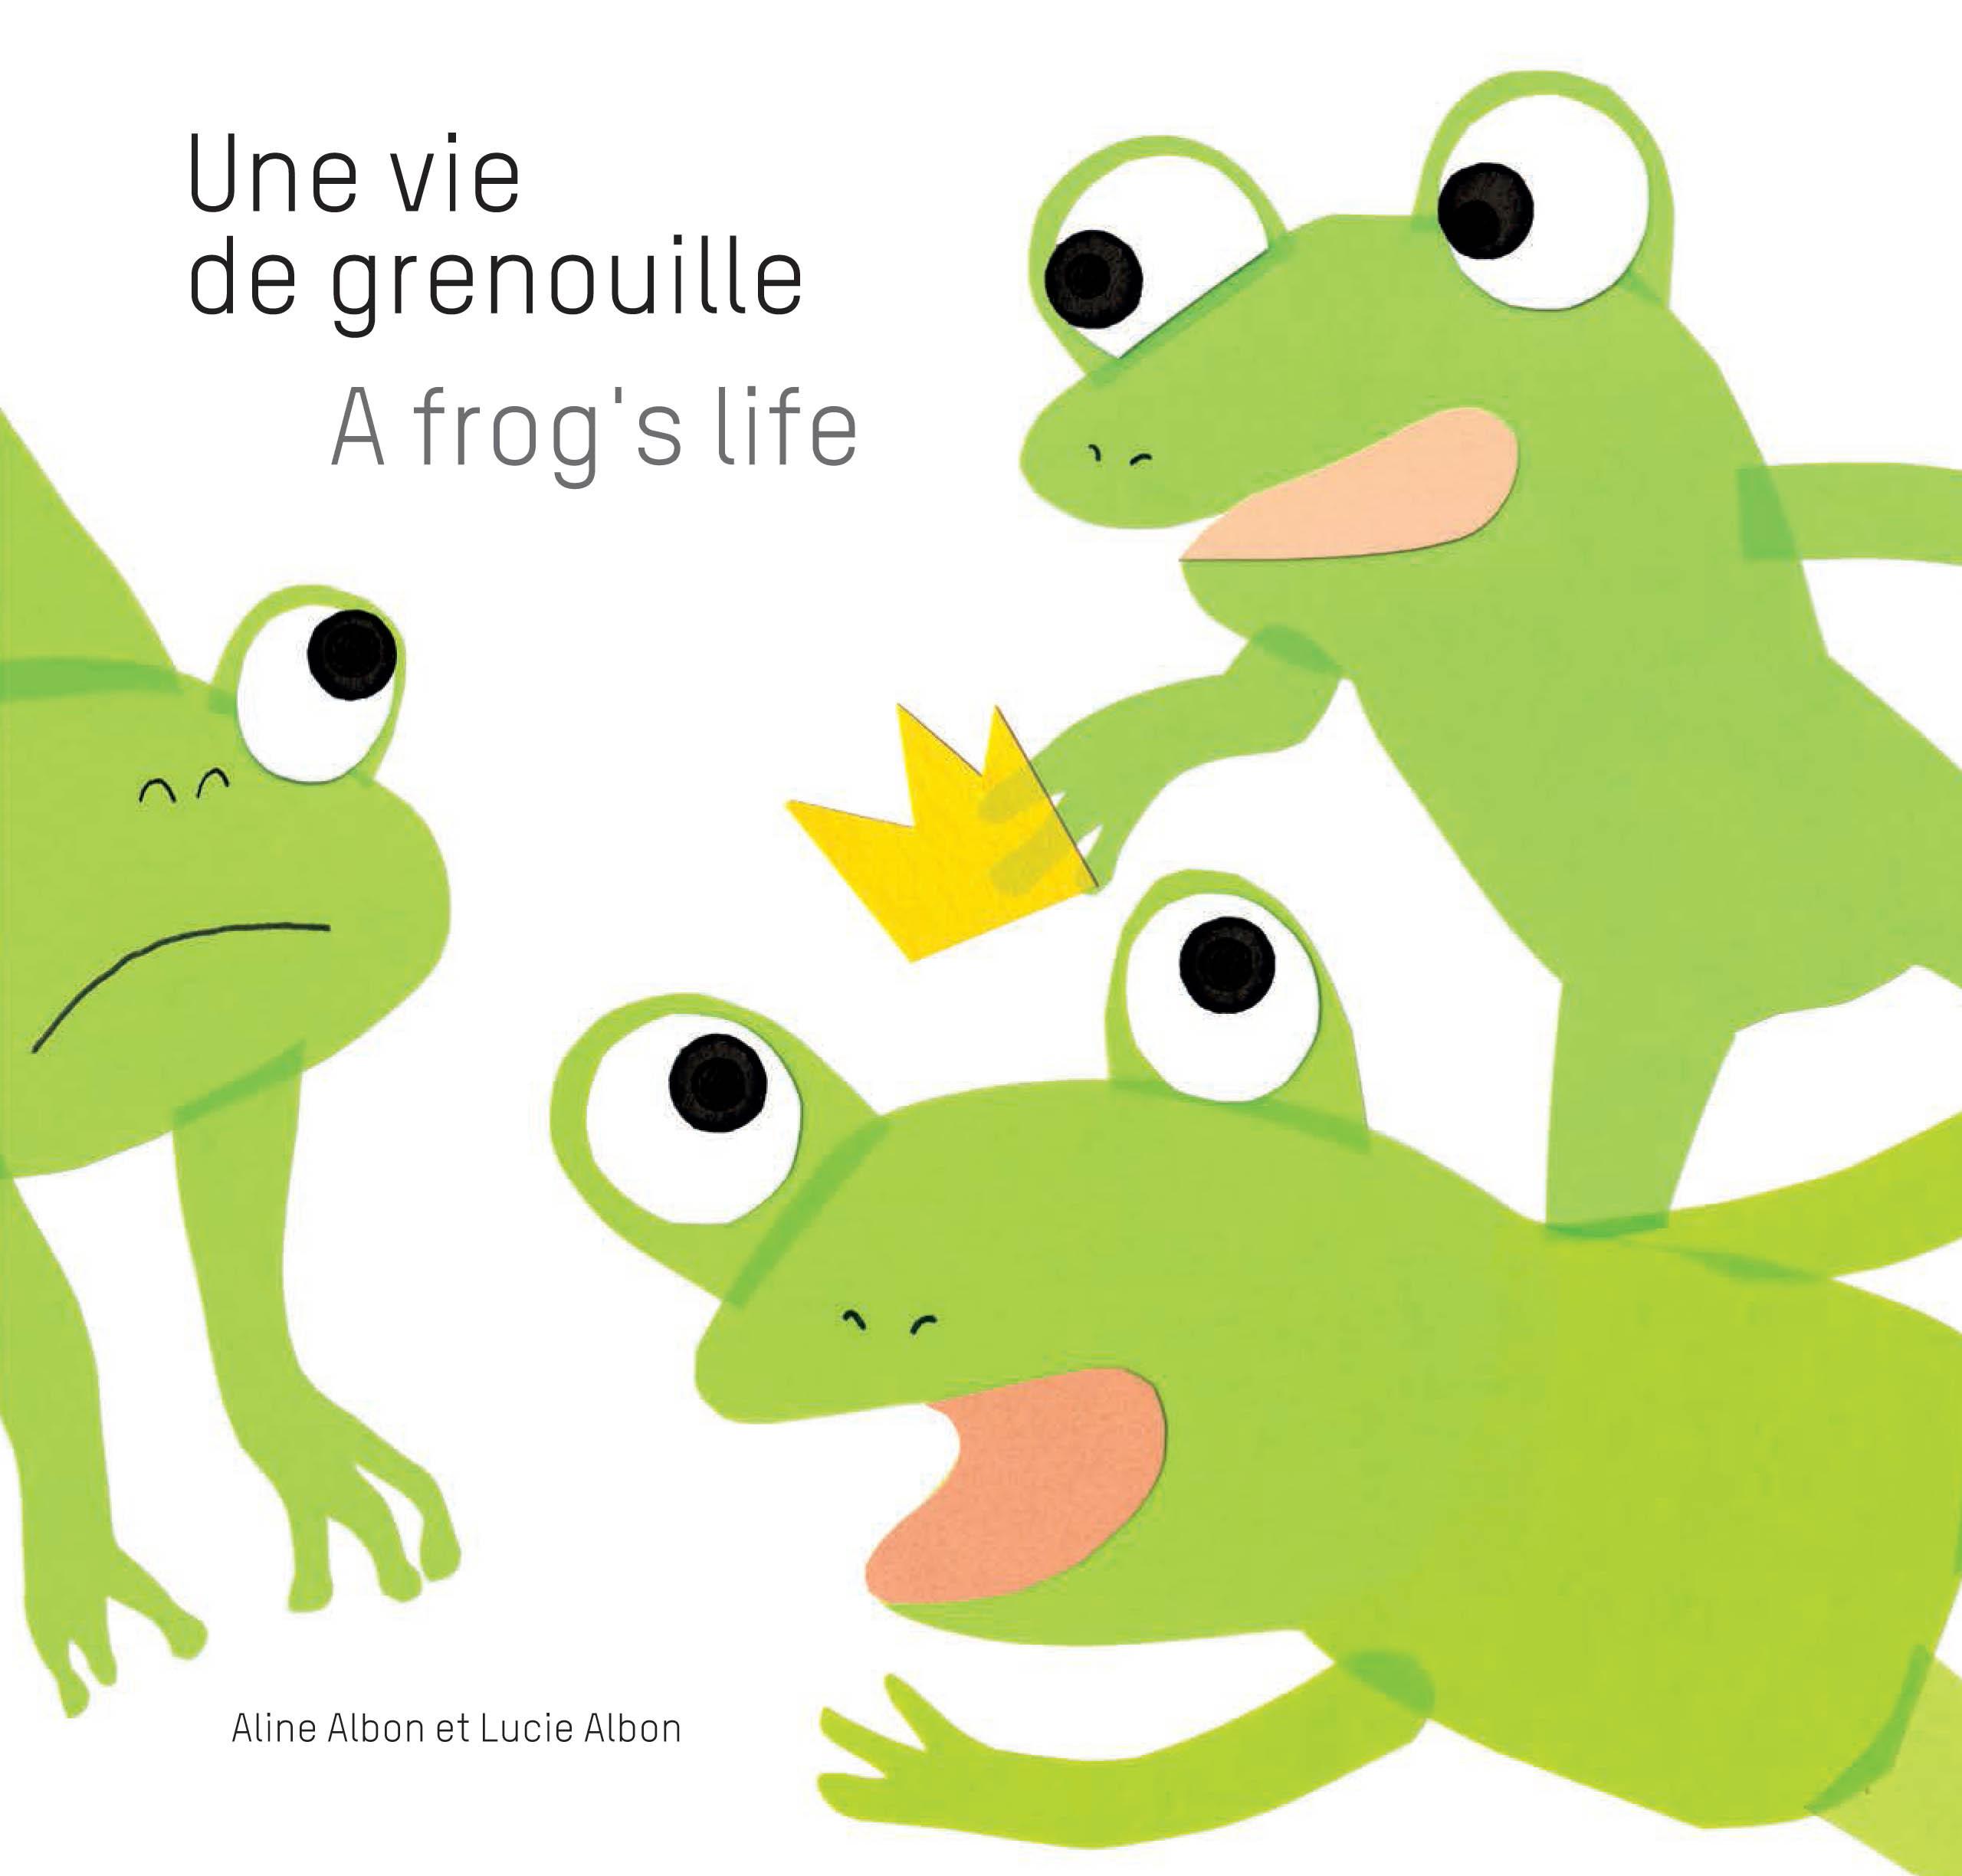 UNE VIE DE GRENOUILLE-A FROG'S LIFE